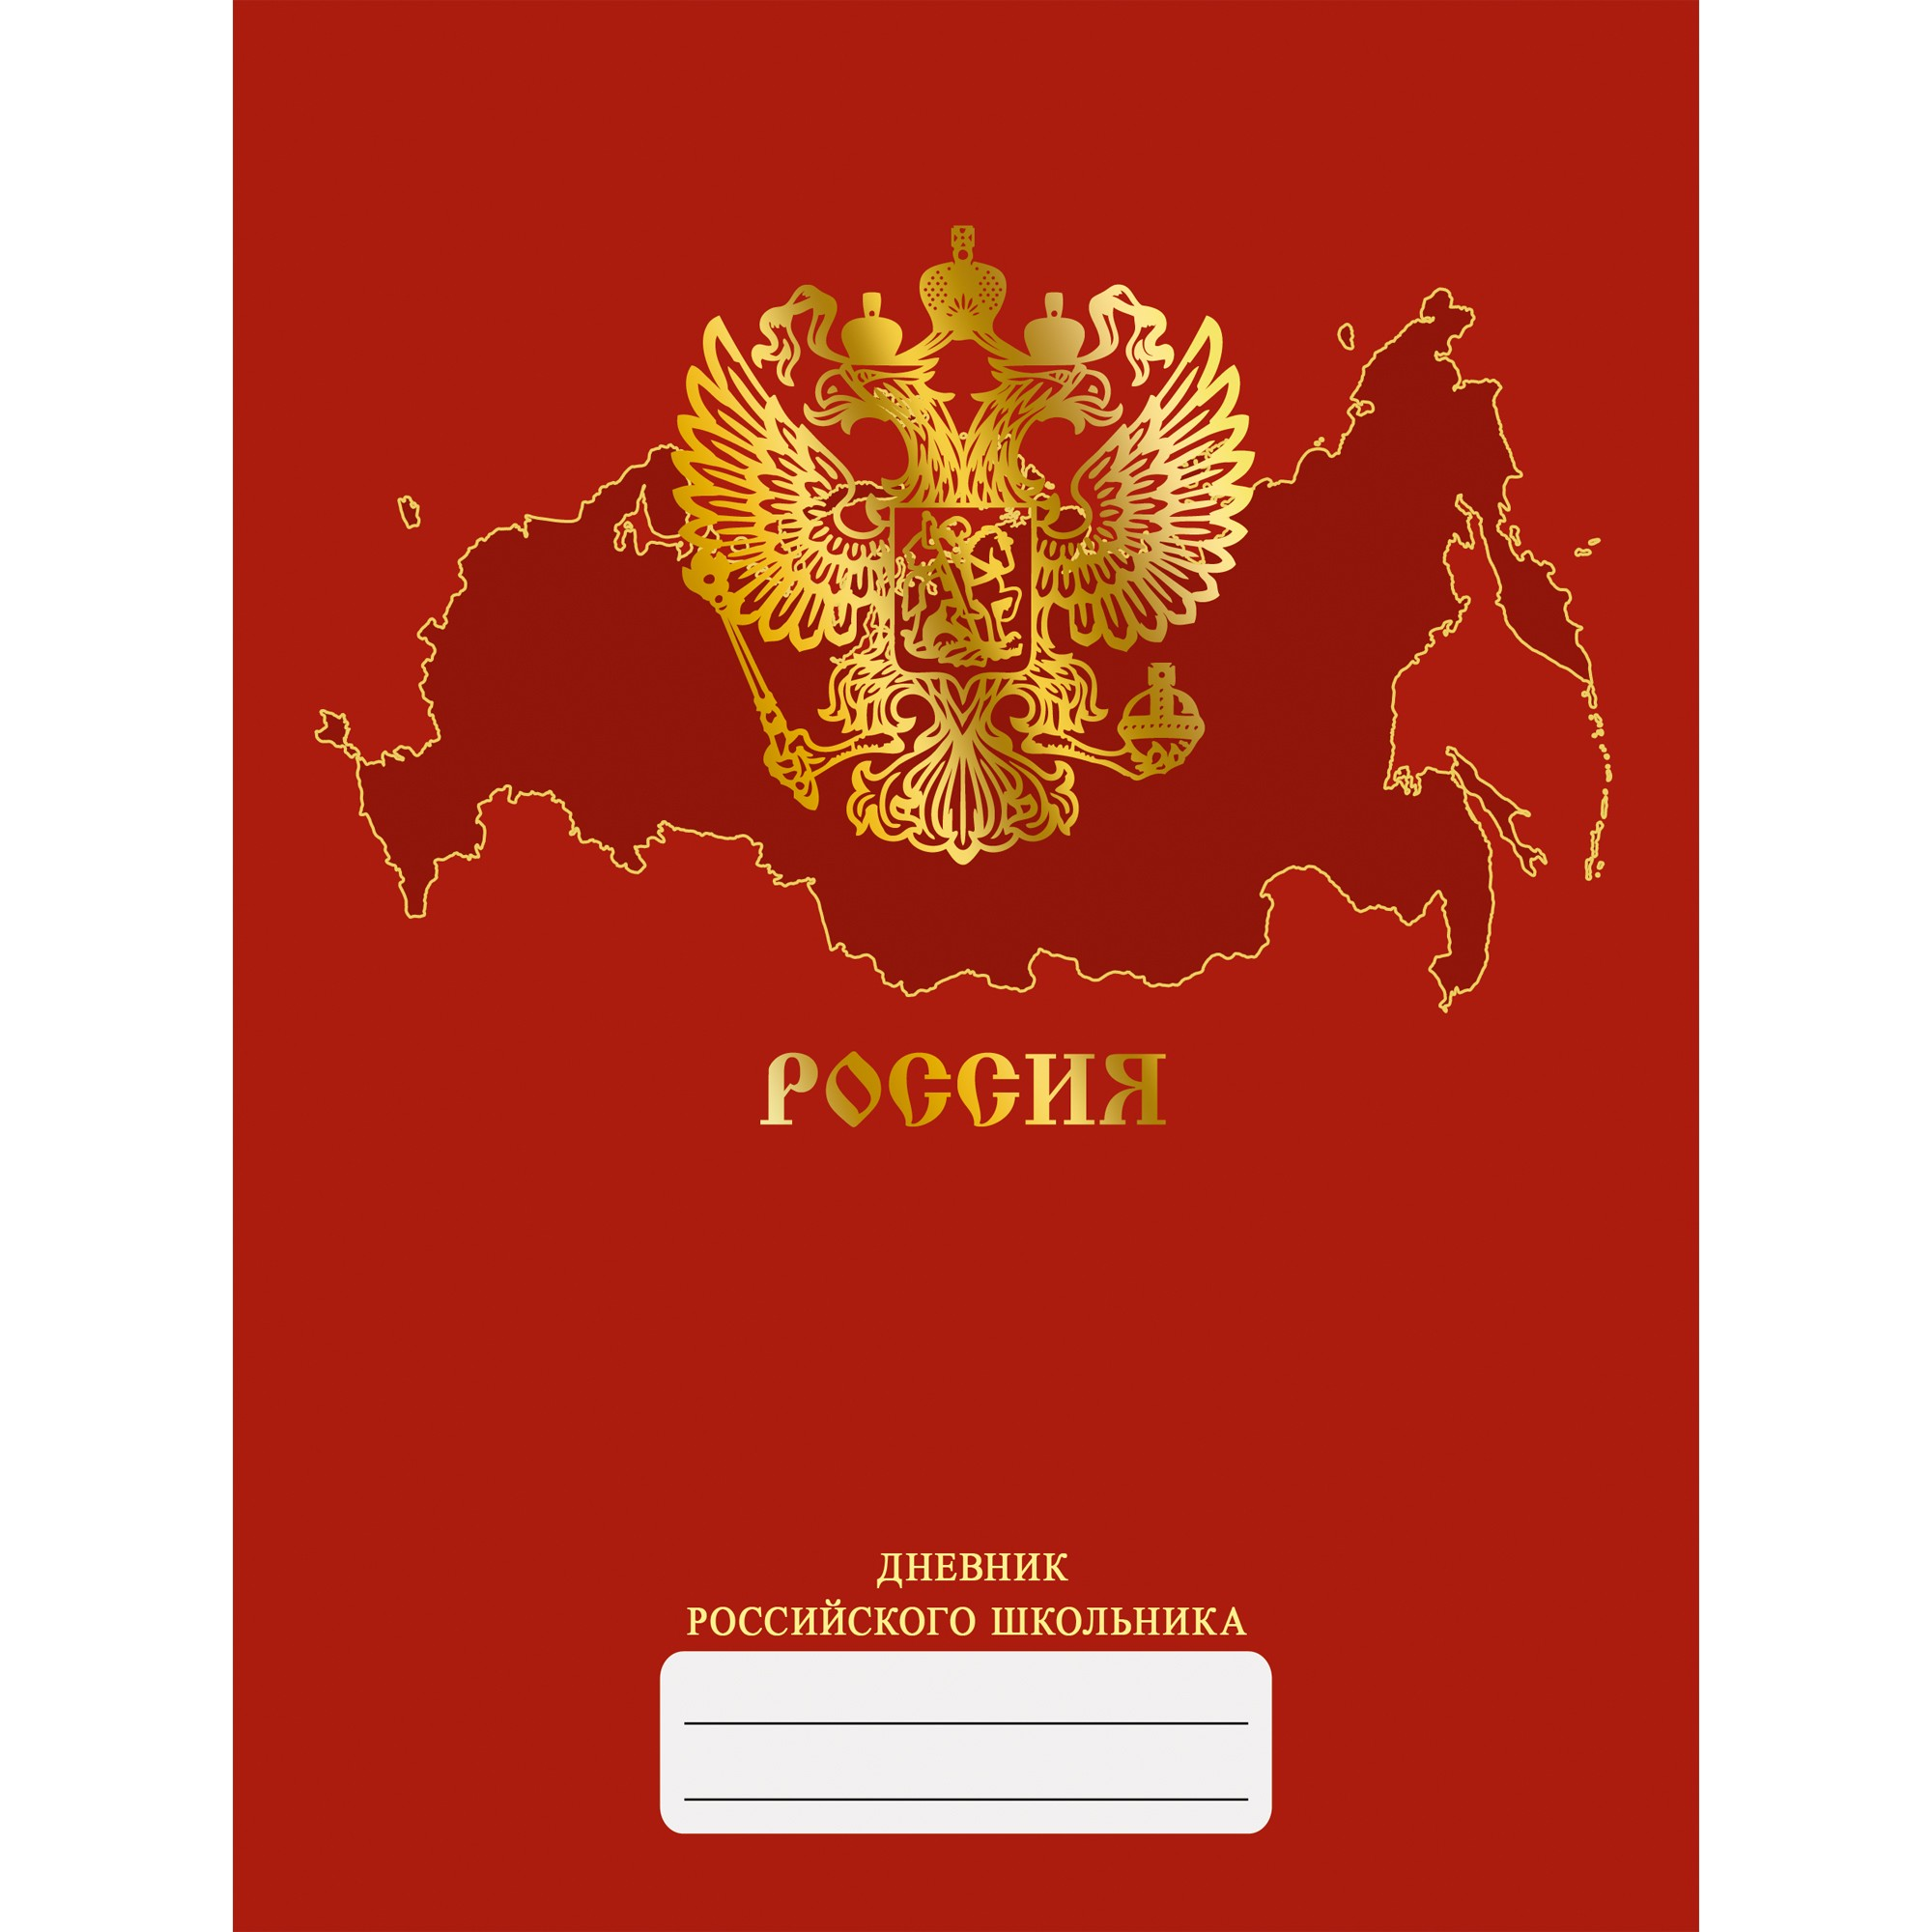 Дневник ст кл Дневник российского школьника. Дизайн 4 (20)